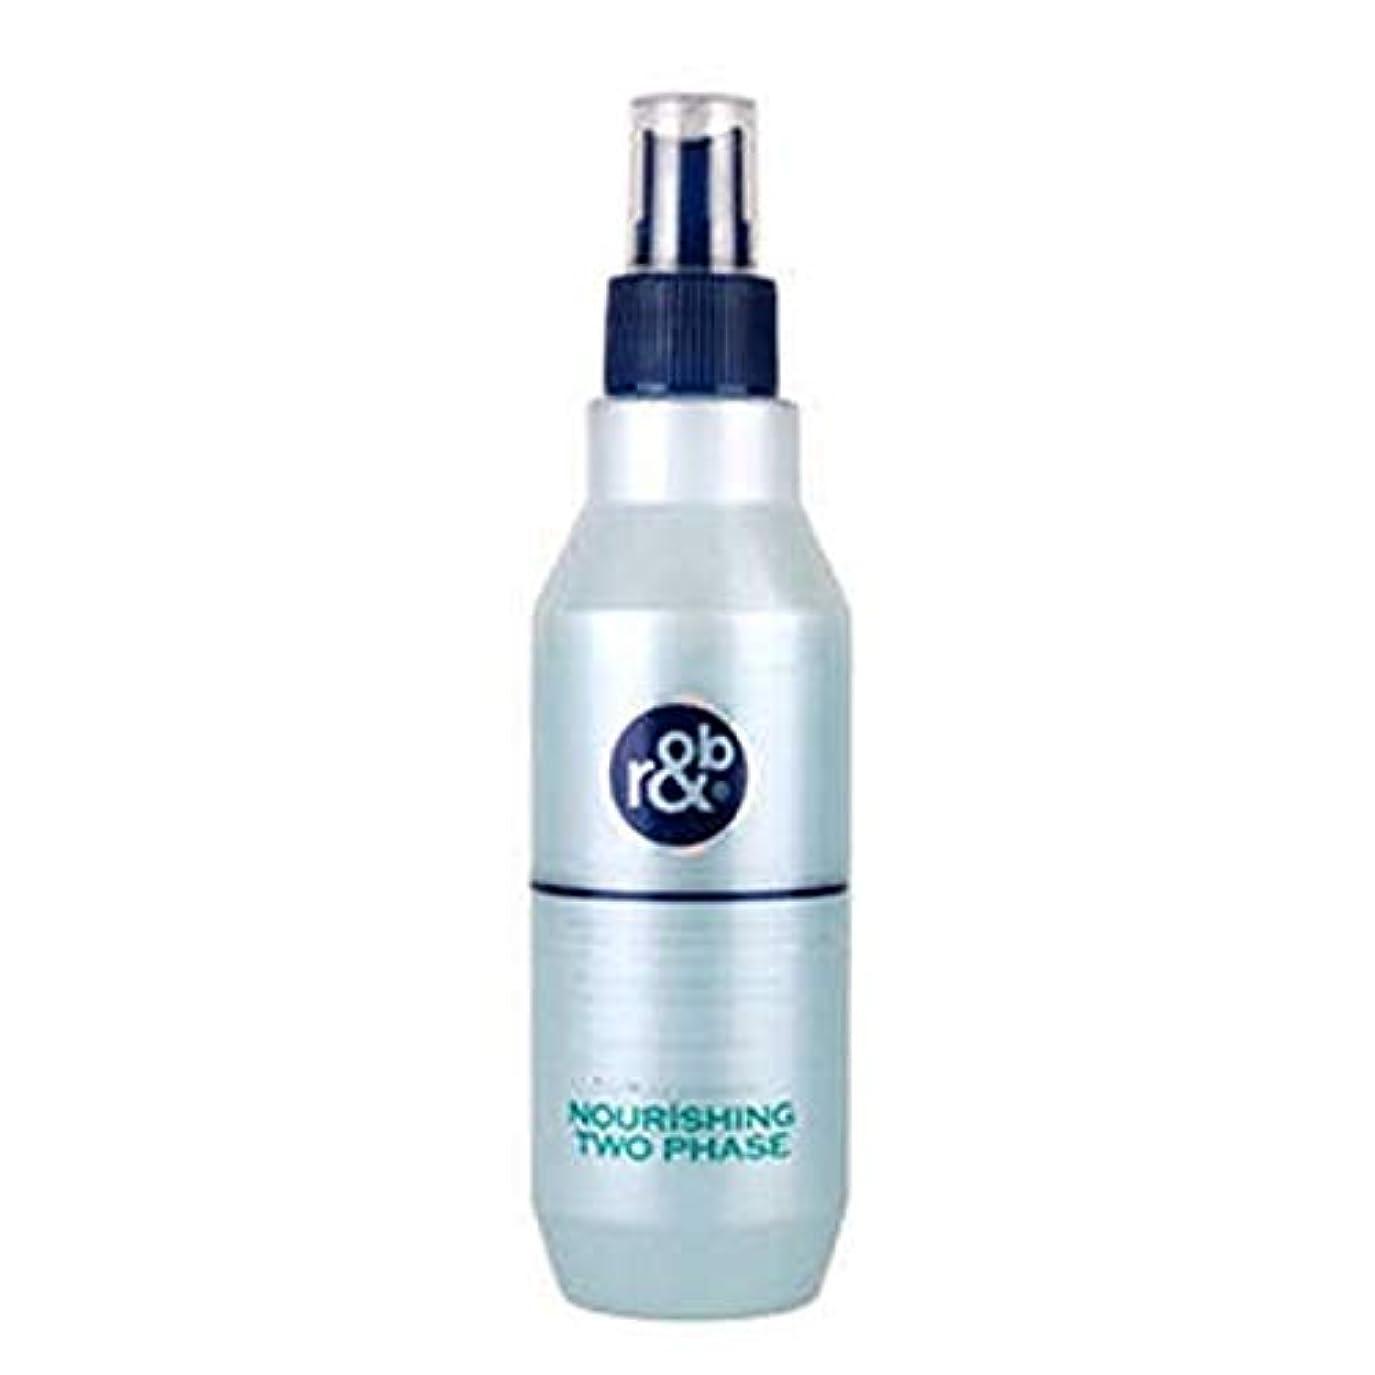 外国人物語現れるフィトン セラピー ナリッシング 2 段階 250ml - アウトバス ヘア コンディショナー ( Phyton Therapy Nourishing Two Phase 250ml - leave in Hair Conditioner...